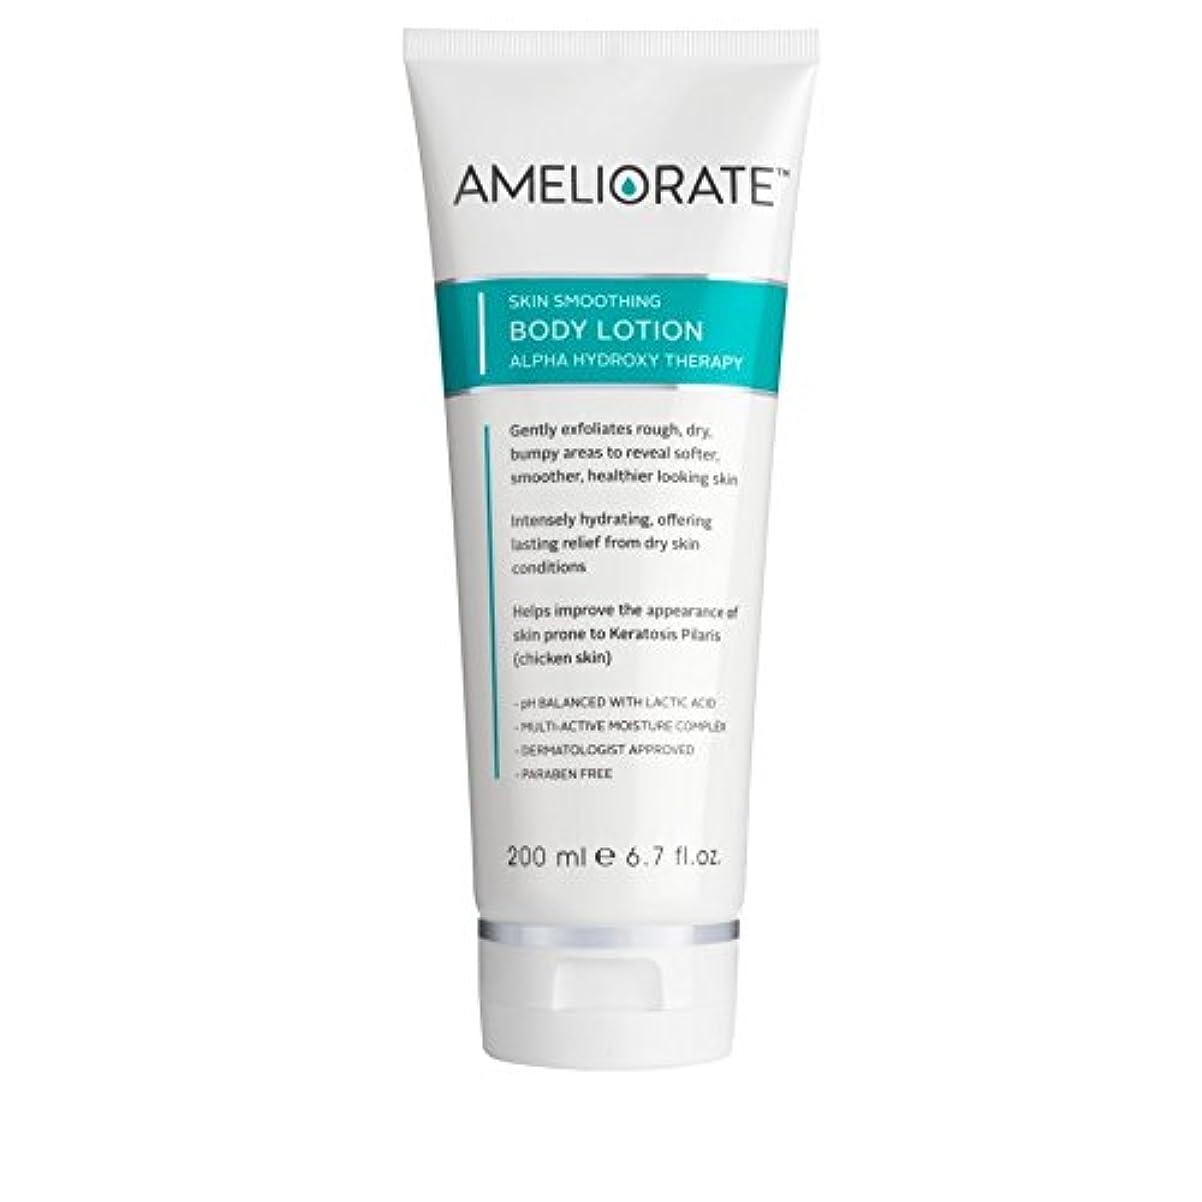 パトロール洗う報復Ameliorate Skin Smoothing Body Lotion 200ml - ボディローション200ミリリットルを滑らかに肌を改善 [並行輸入品]